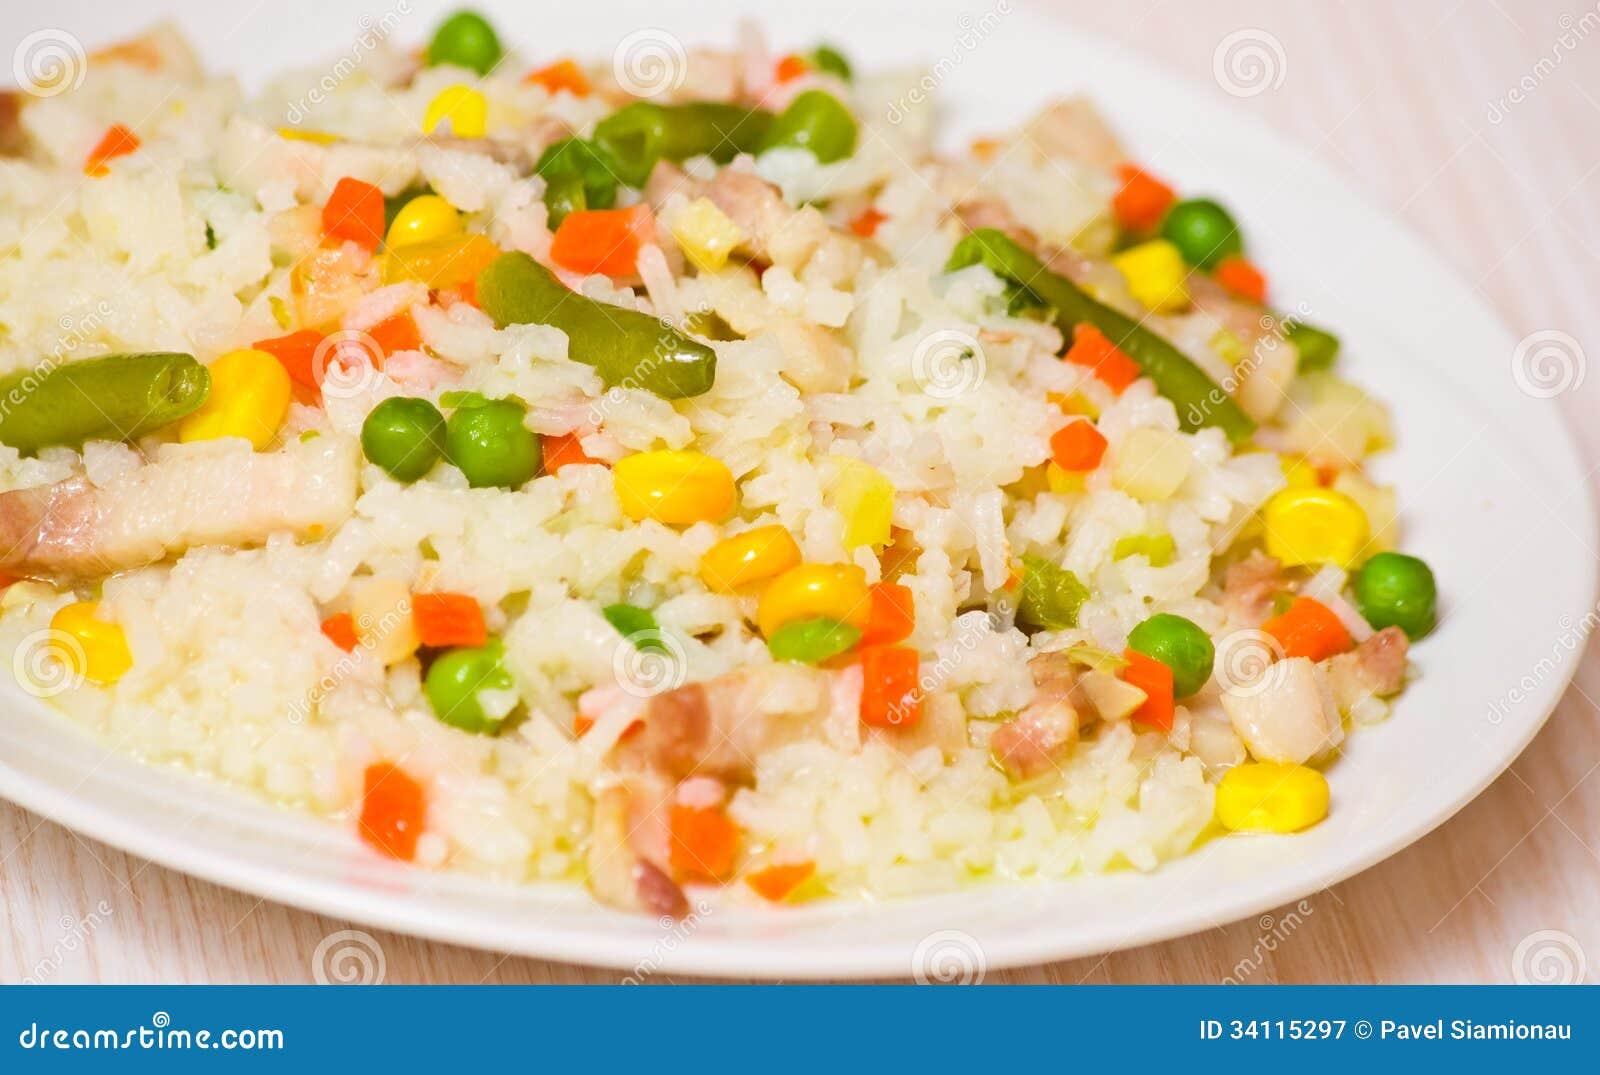 Carne con arroz y verduras fotograf a de archivo libre de - Arroz con verduras y costillas ...